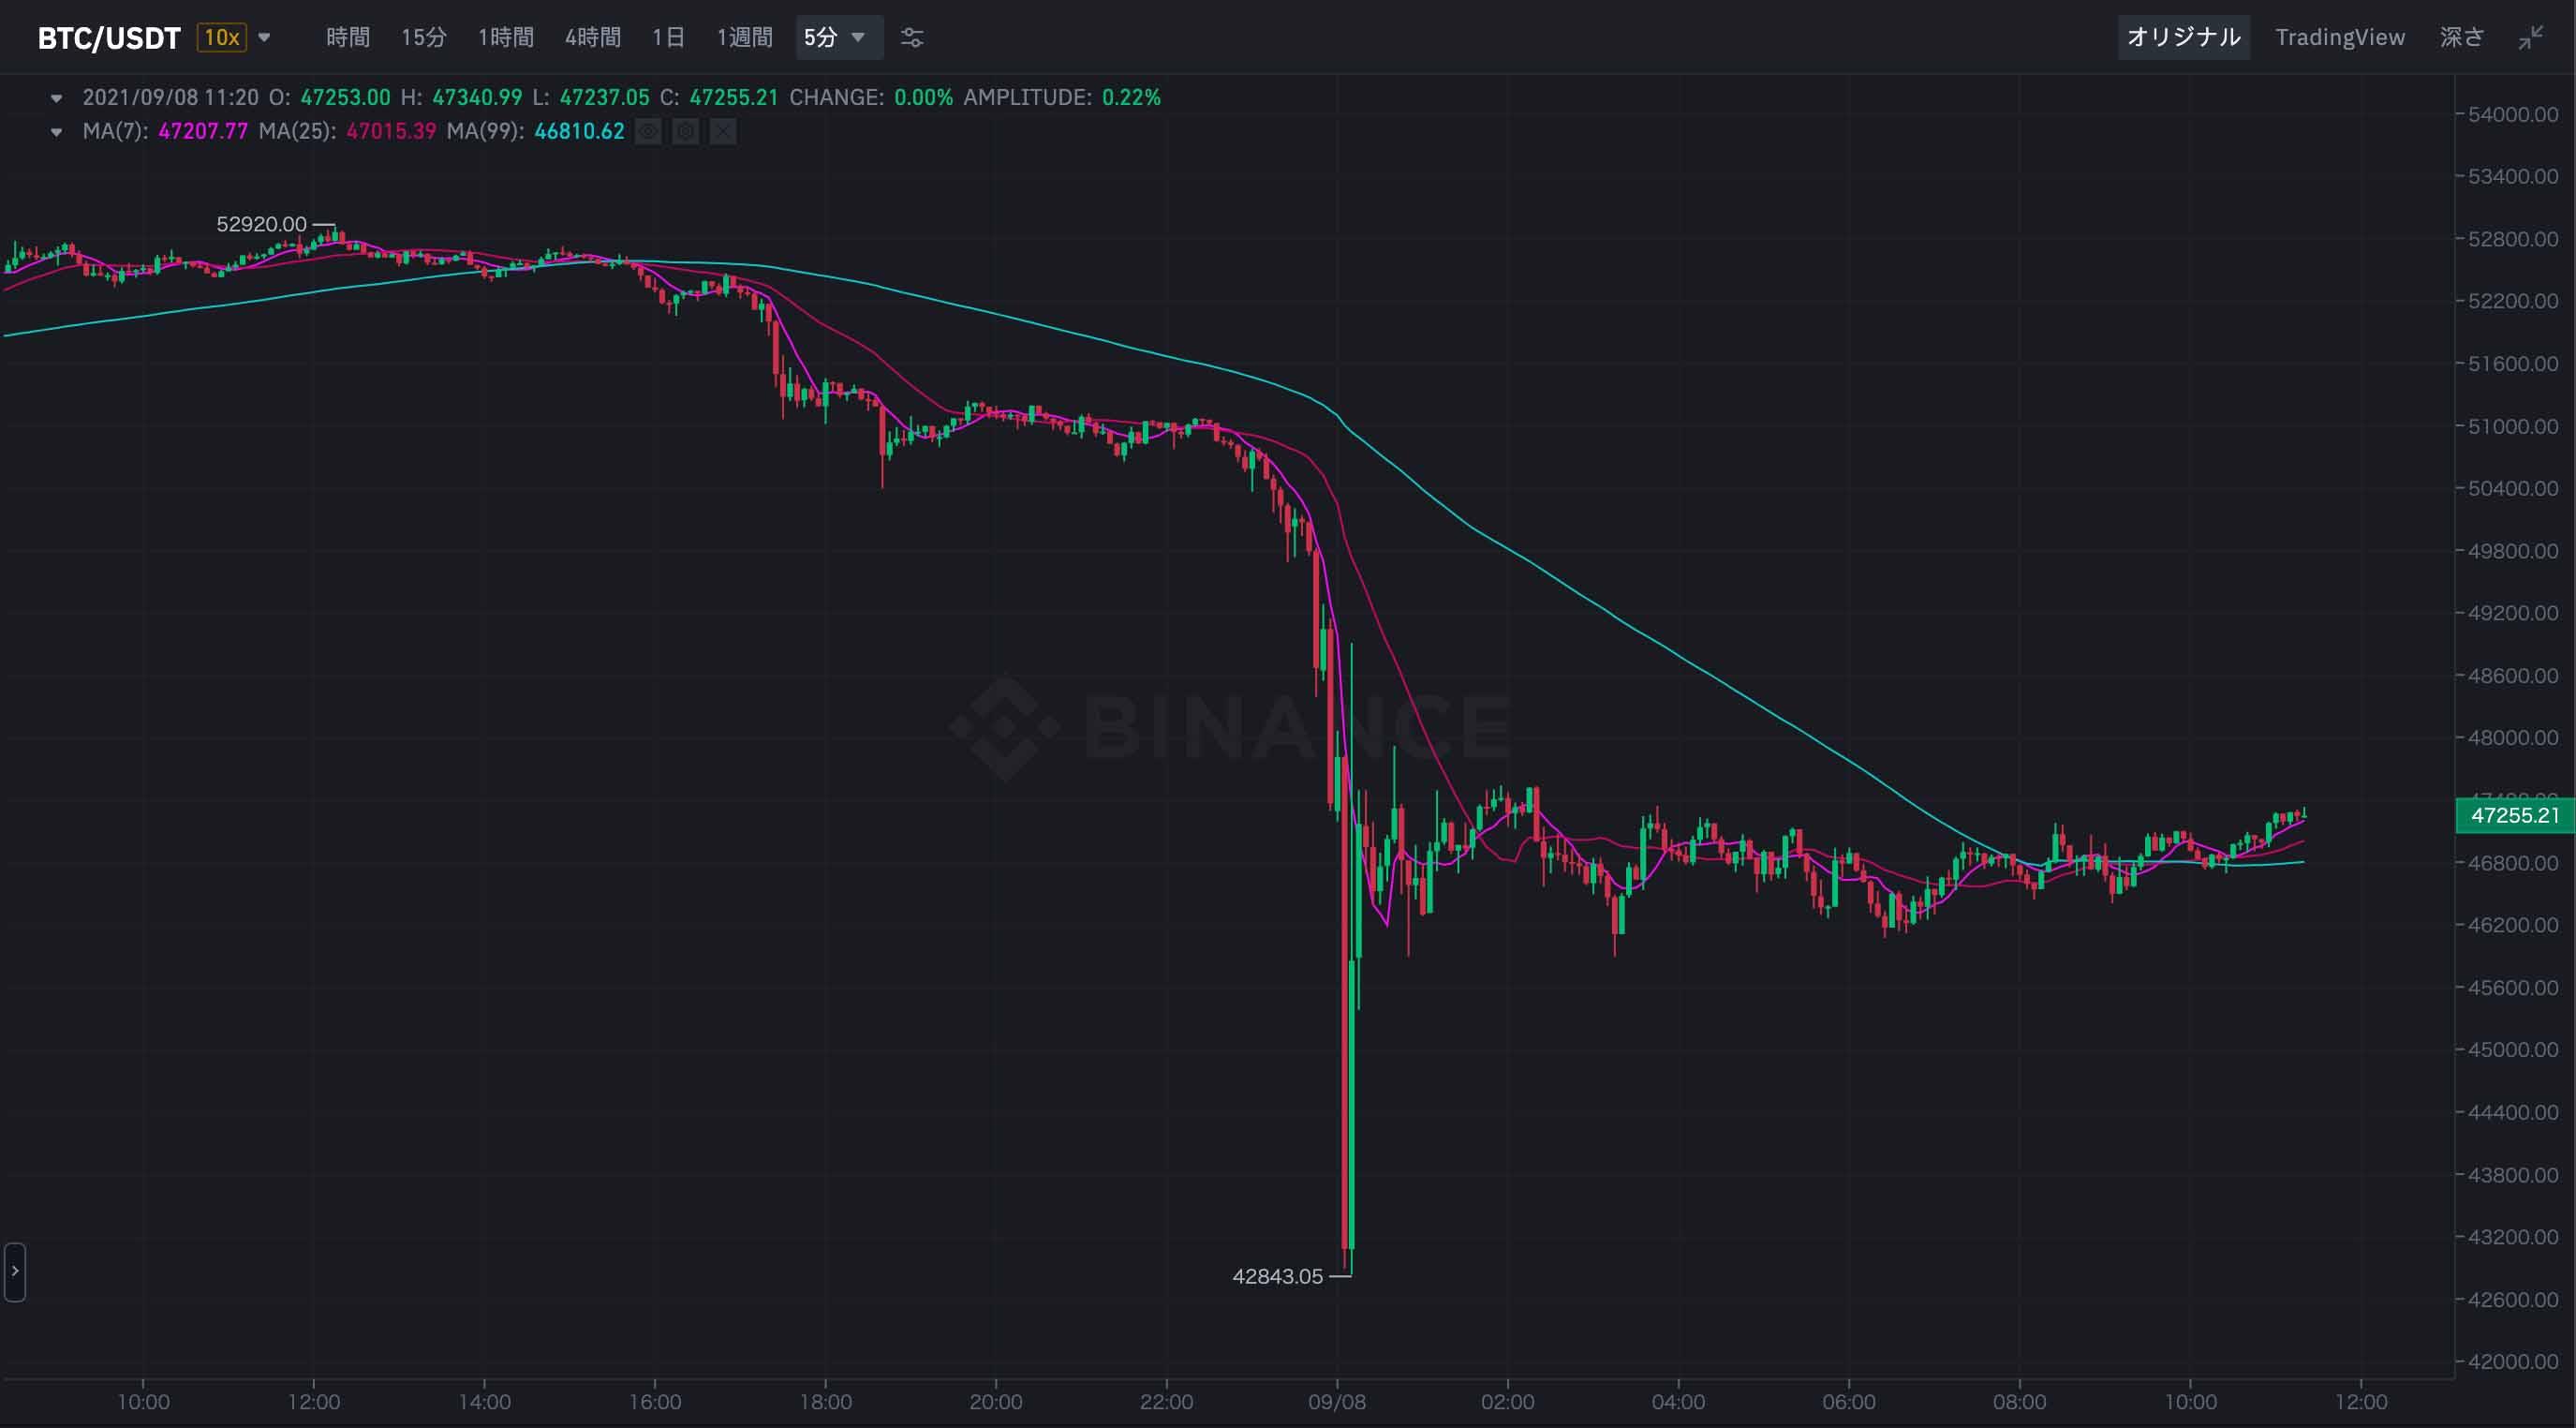 2021年9月7日〜2021年9月8日 BTC/USDTのチャート(画像:BINANCE)